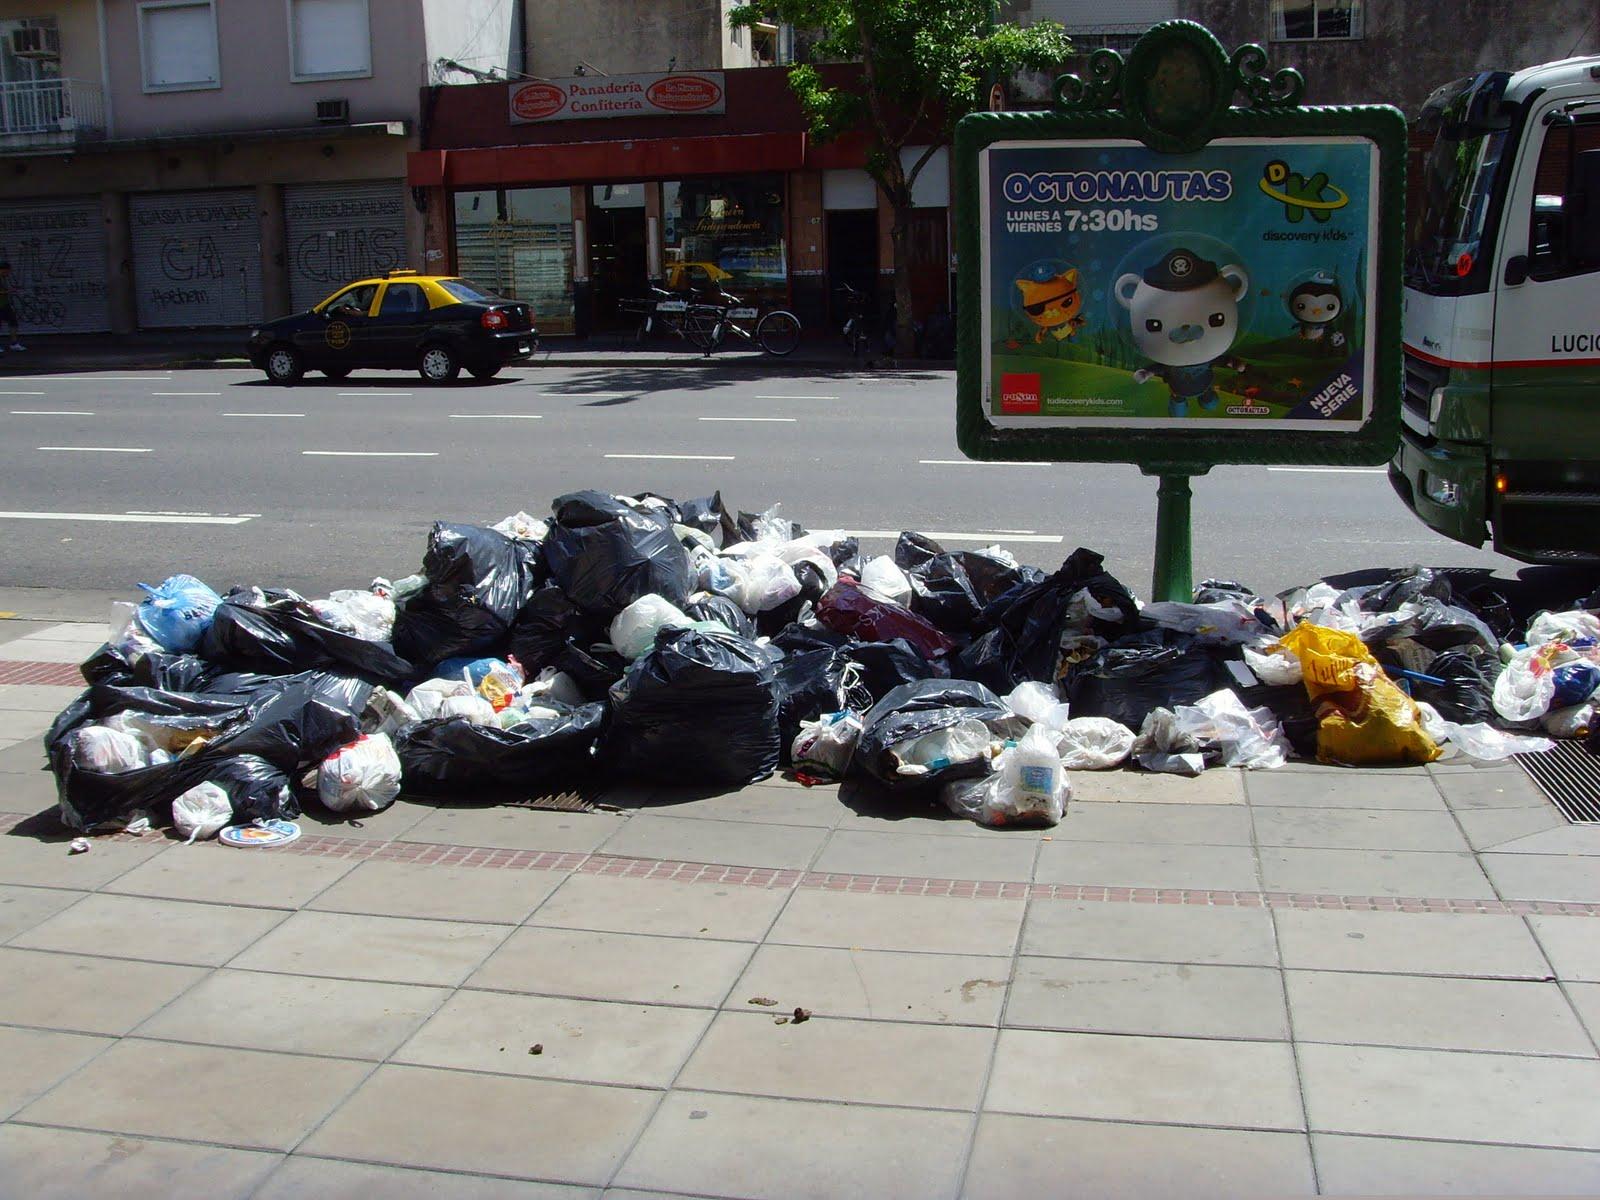 Qué barrios hicieron más reclamos al 147 durante 2014 - Parabuenosaires.com